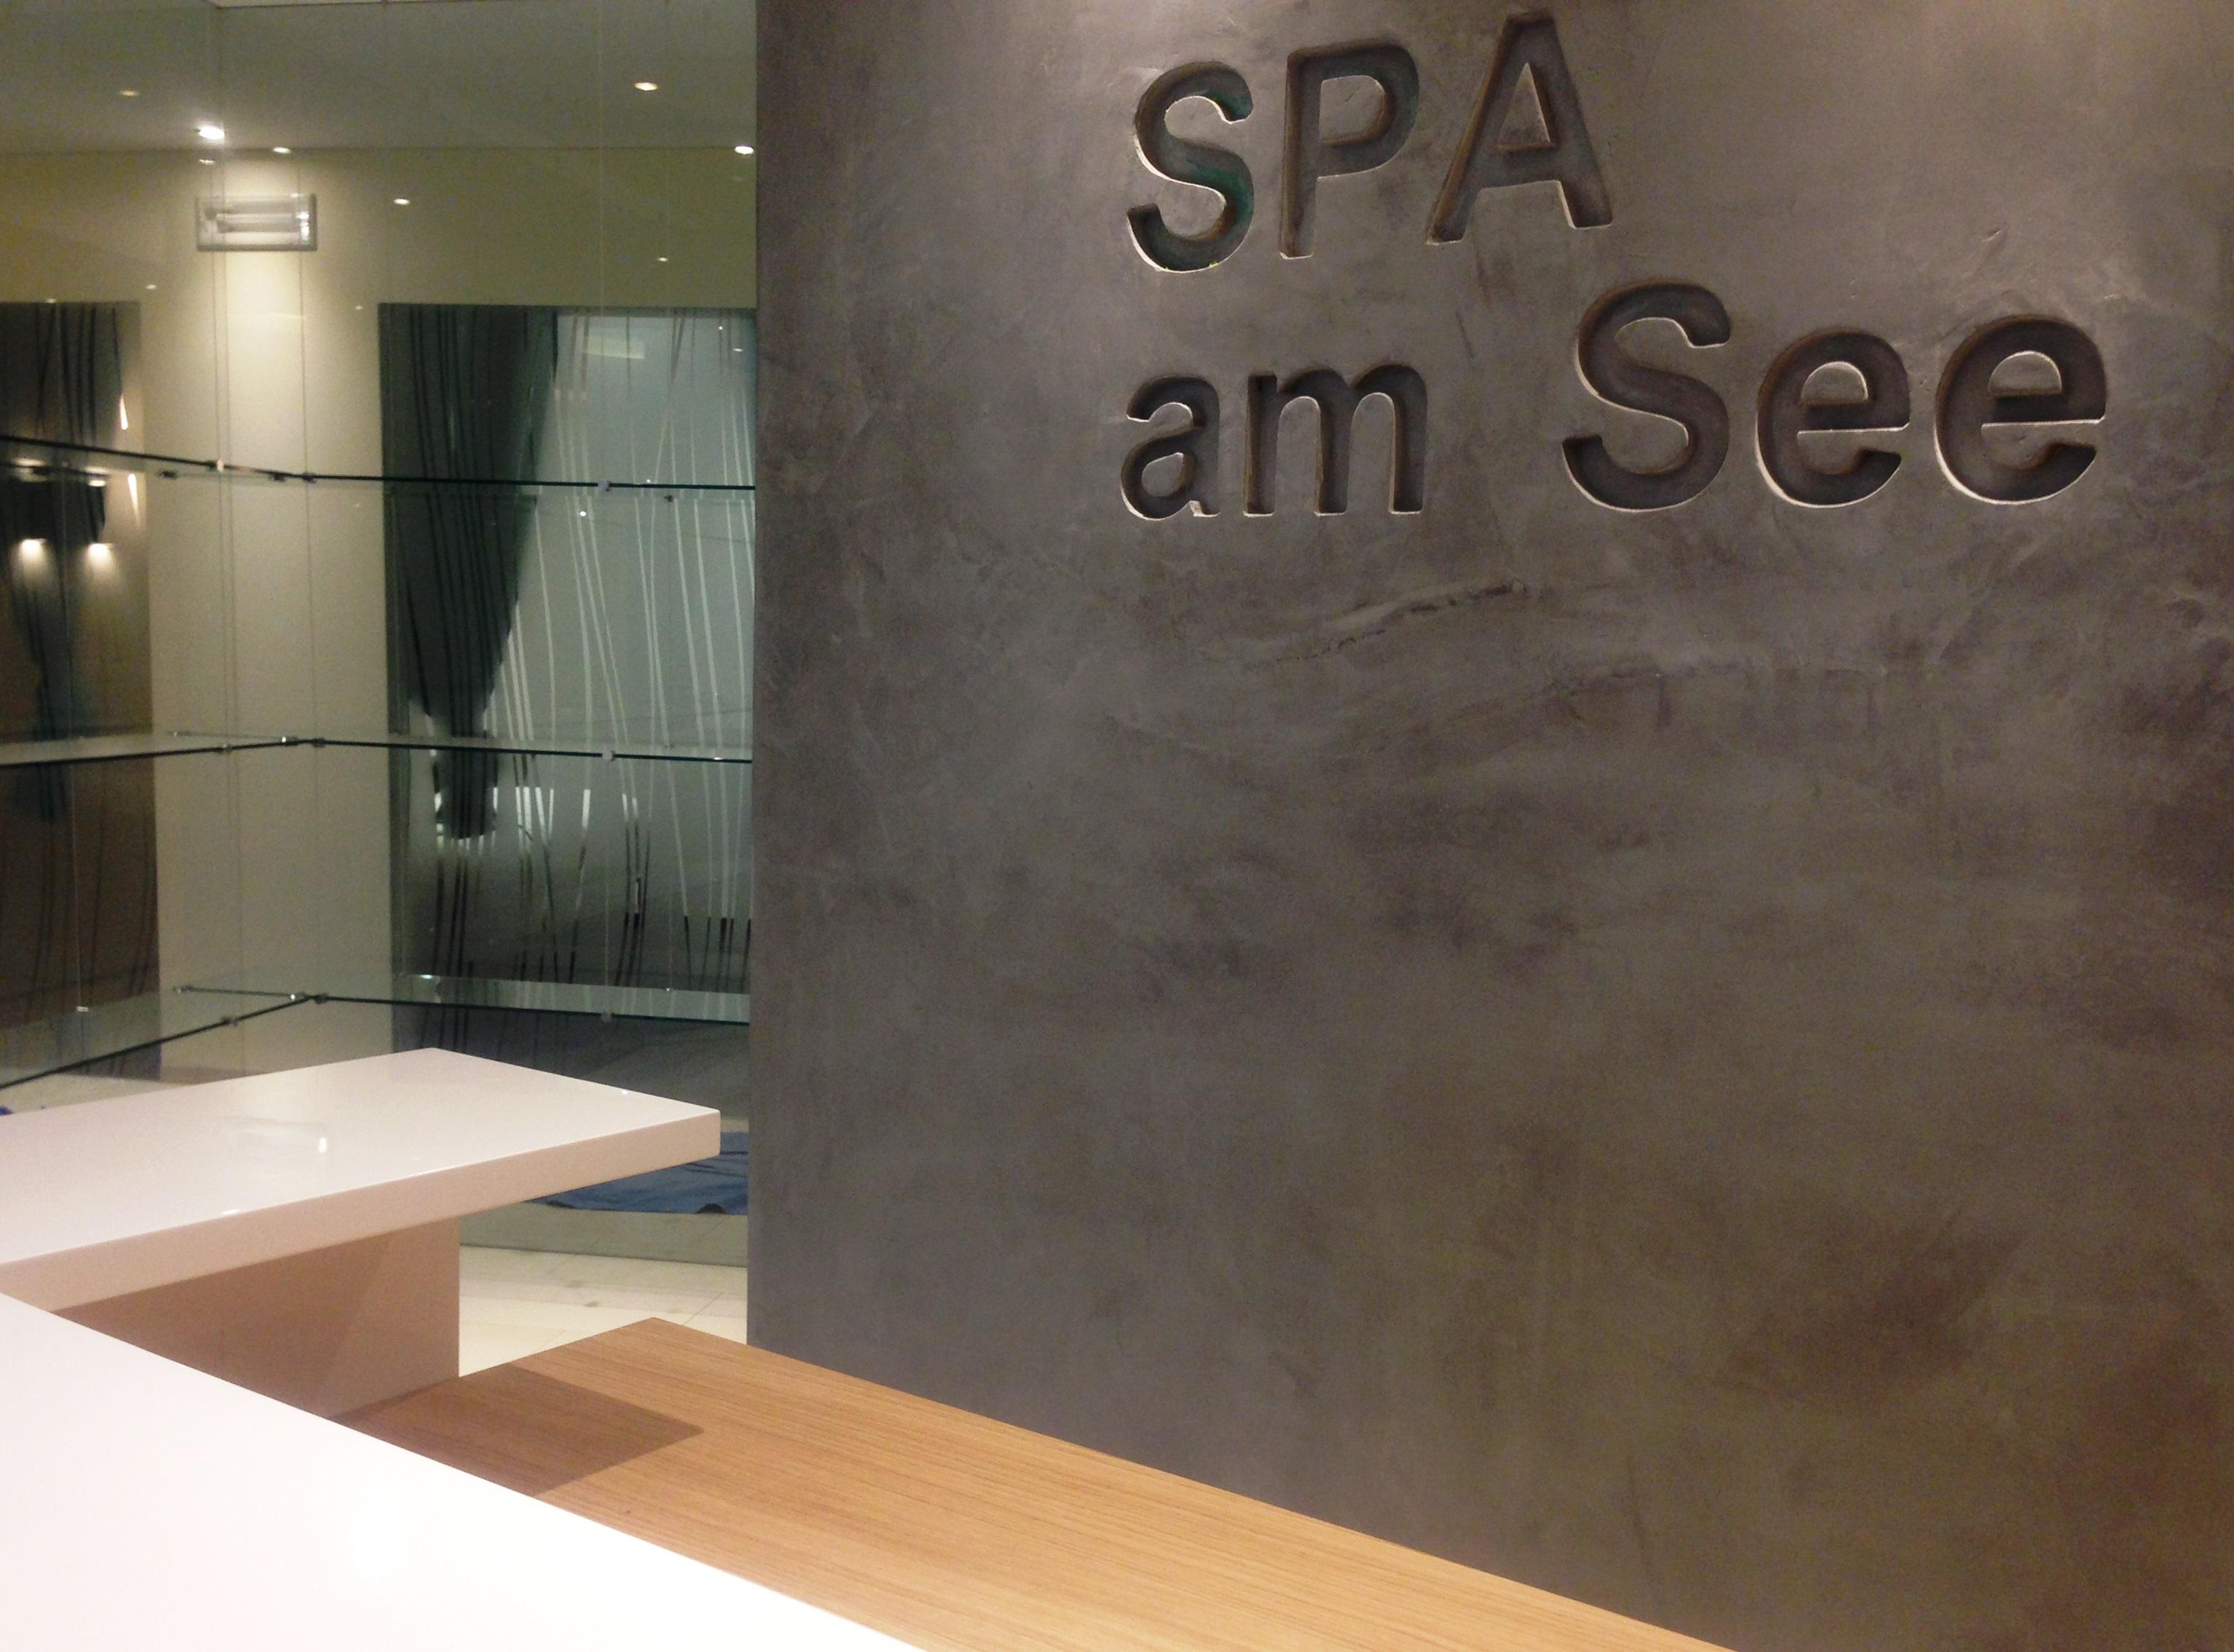 Noch ist die neue SPA-Rezeption leer... und ordentlich:) Doch morgen kommt unsere Spa-Leiterin Frau Marianne samt ihrem Team und beginnt mit dem Einräumen...